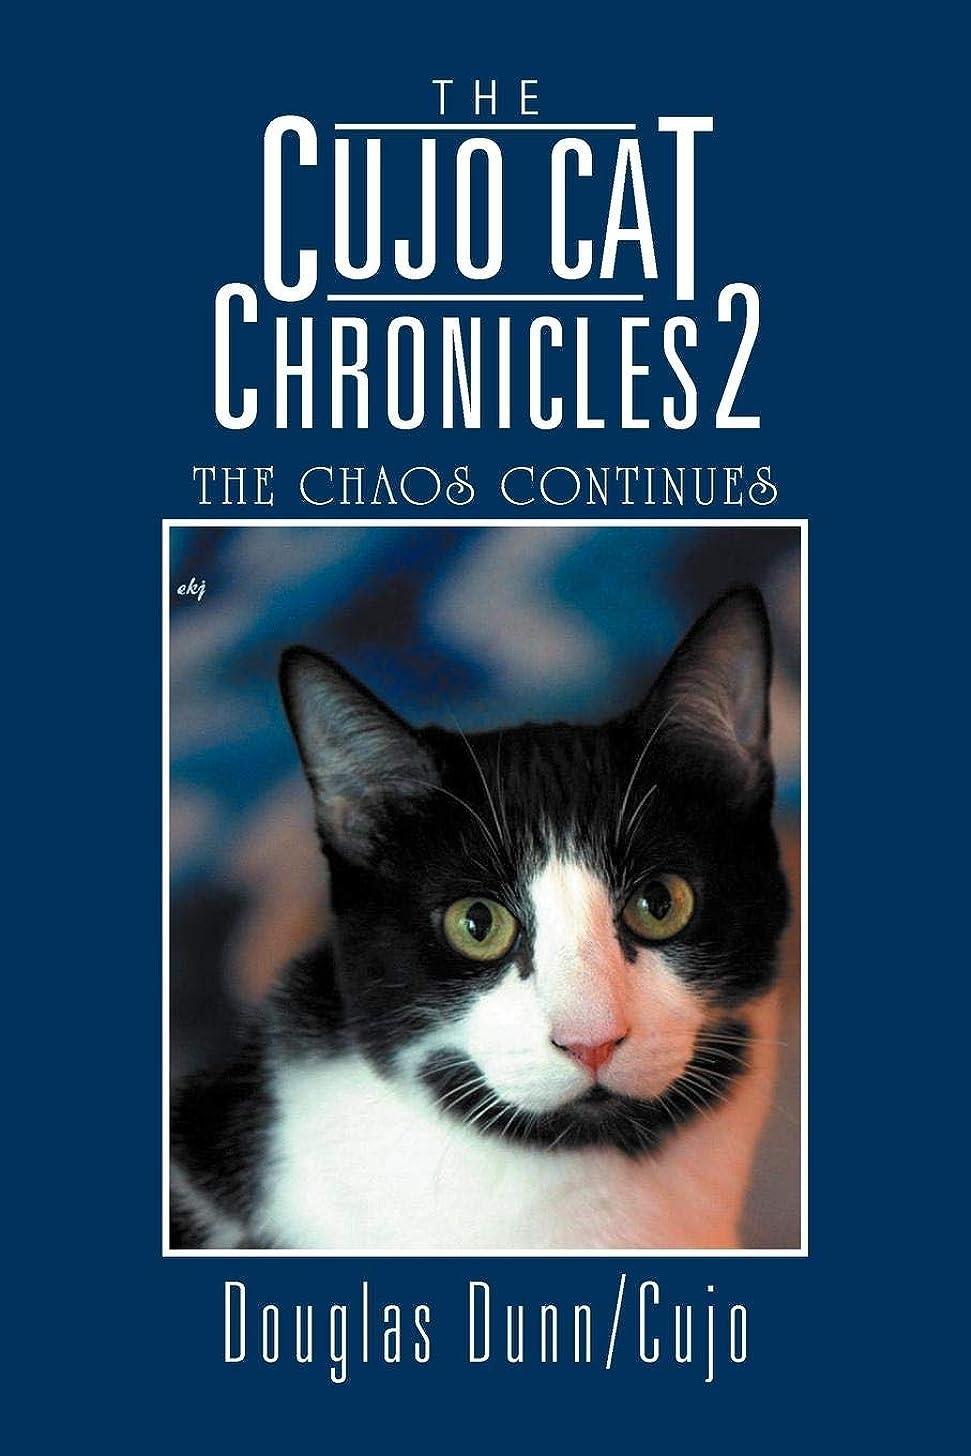 インチ成熟溶接The Chaos Continues (The Cujo Cat Chronicles)